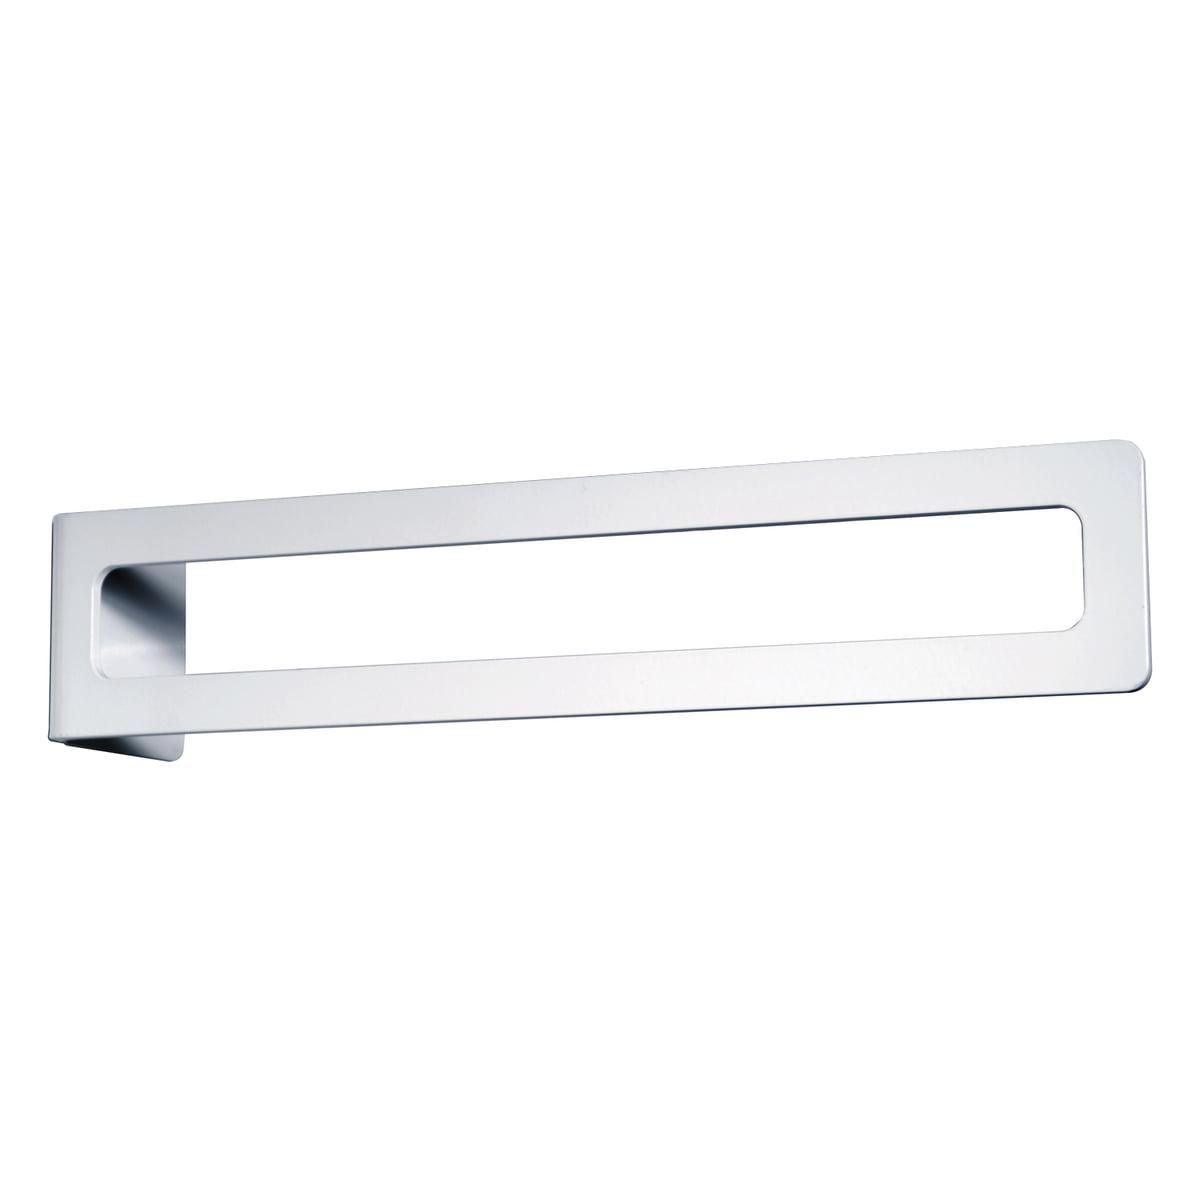 Radius Design - Puro Handtuchhalter (Waschbecken), weiß | Bad > Bad-Accessoires > Handtuchhalter | Weiß | Aluminium pulverbeschichtet | Radius Design